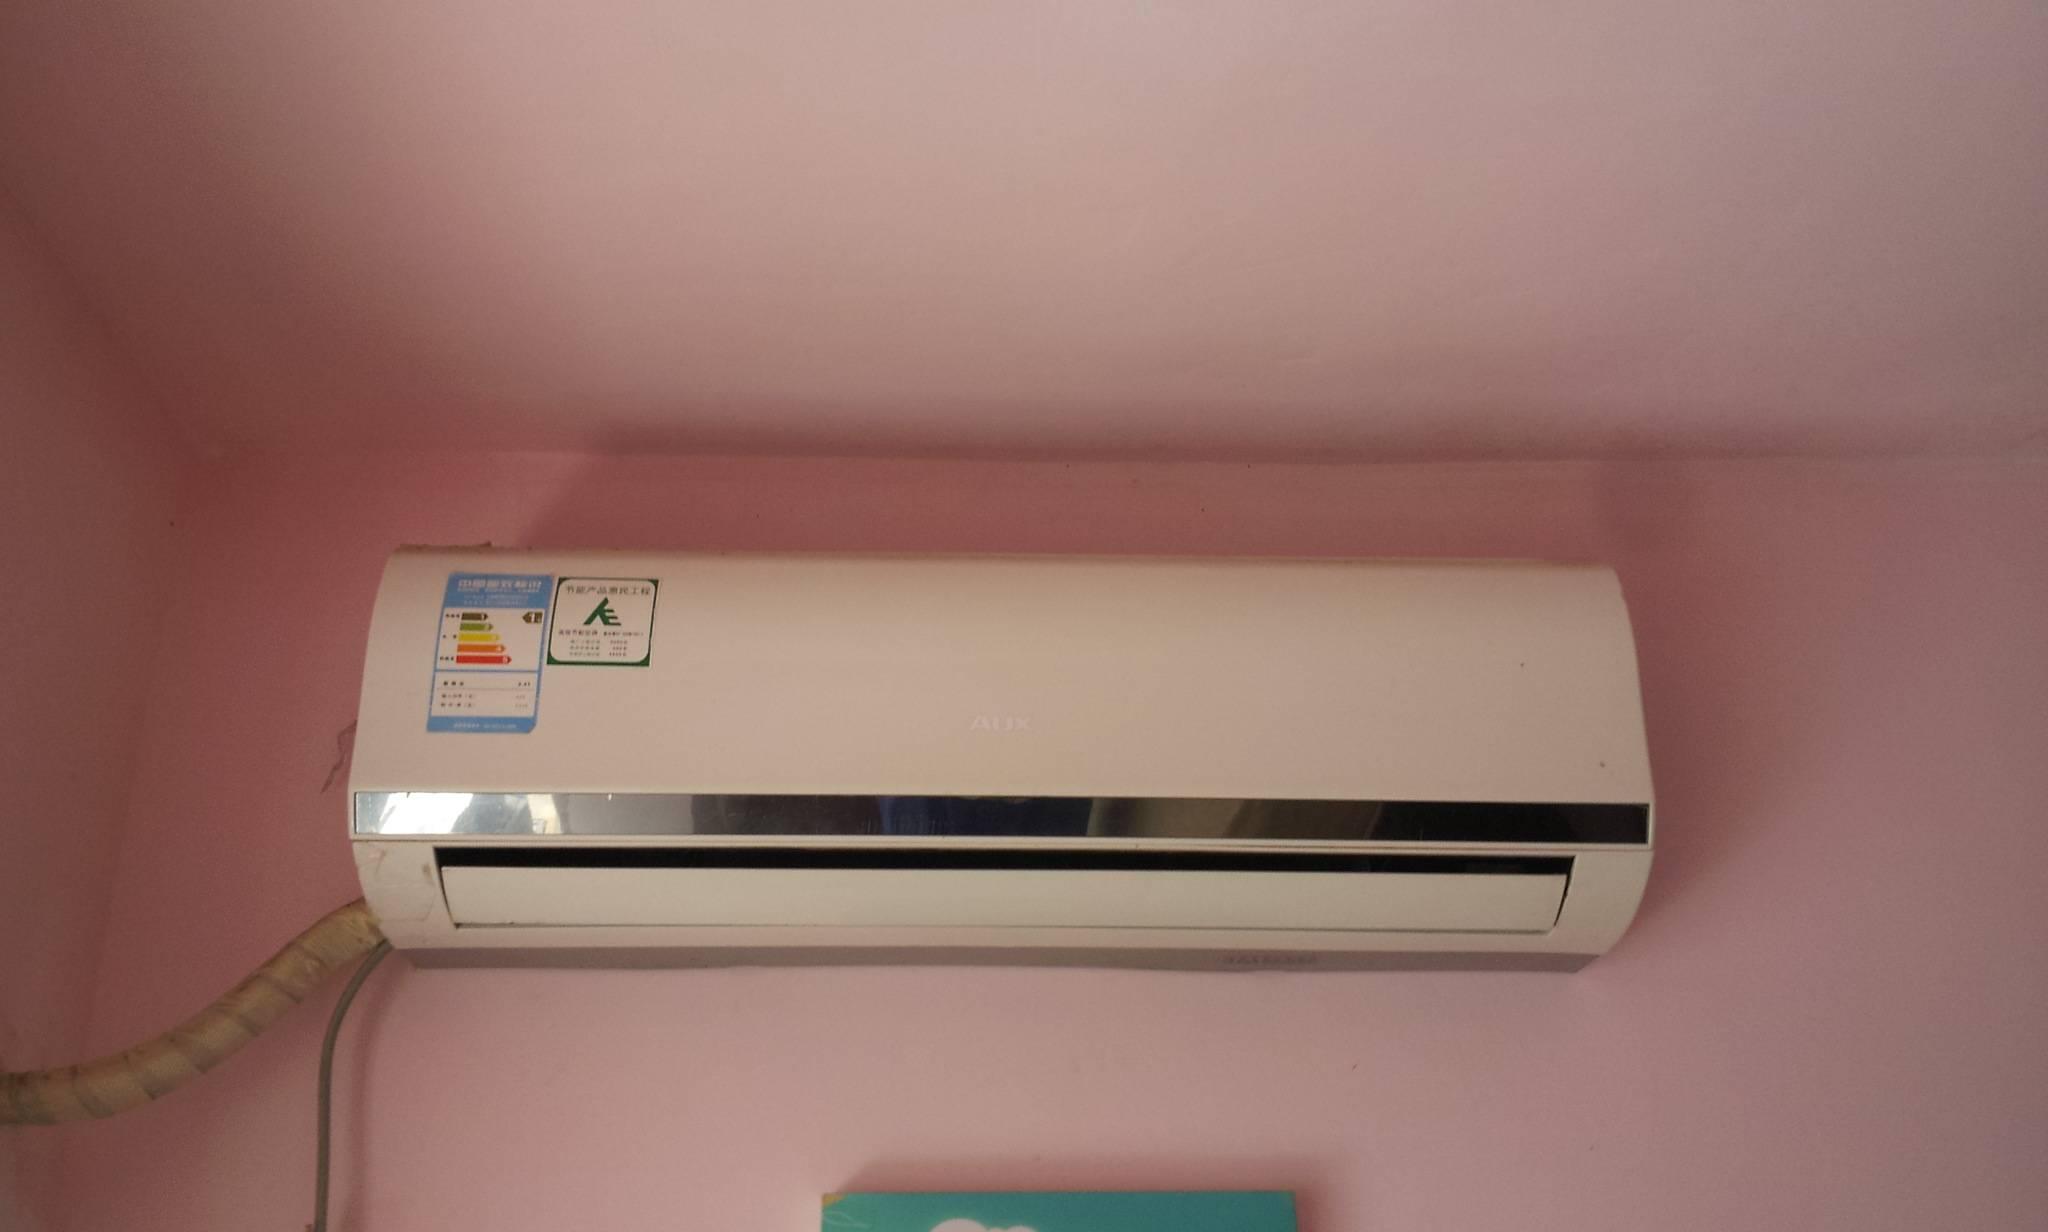 空调没有遥控器怎么开?三种不用遥控器的方法介绍